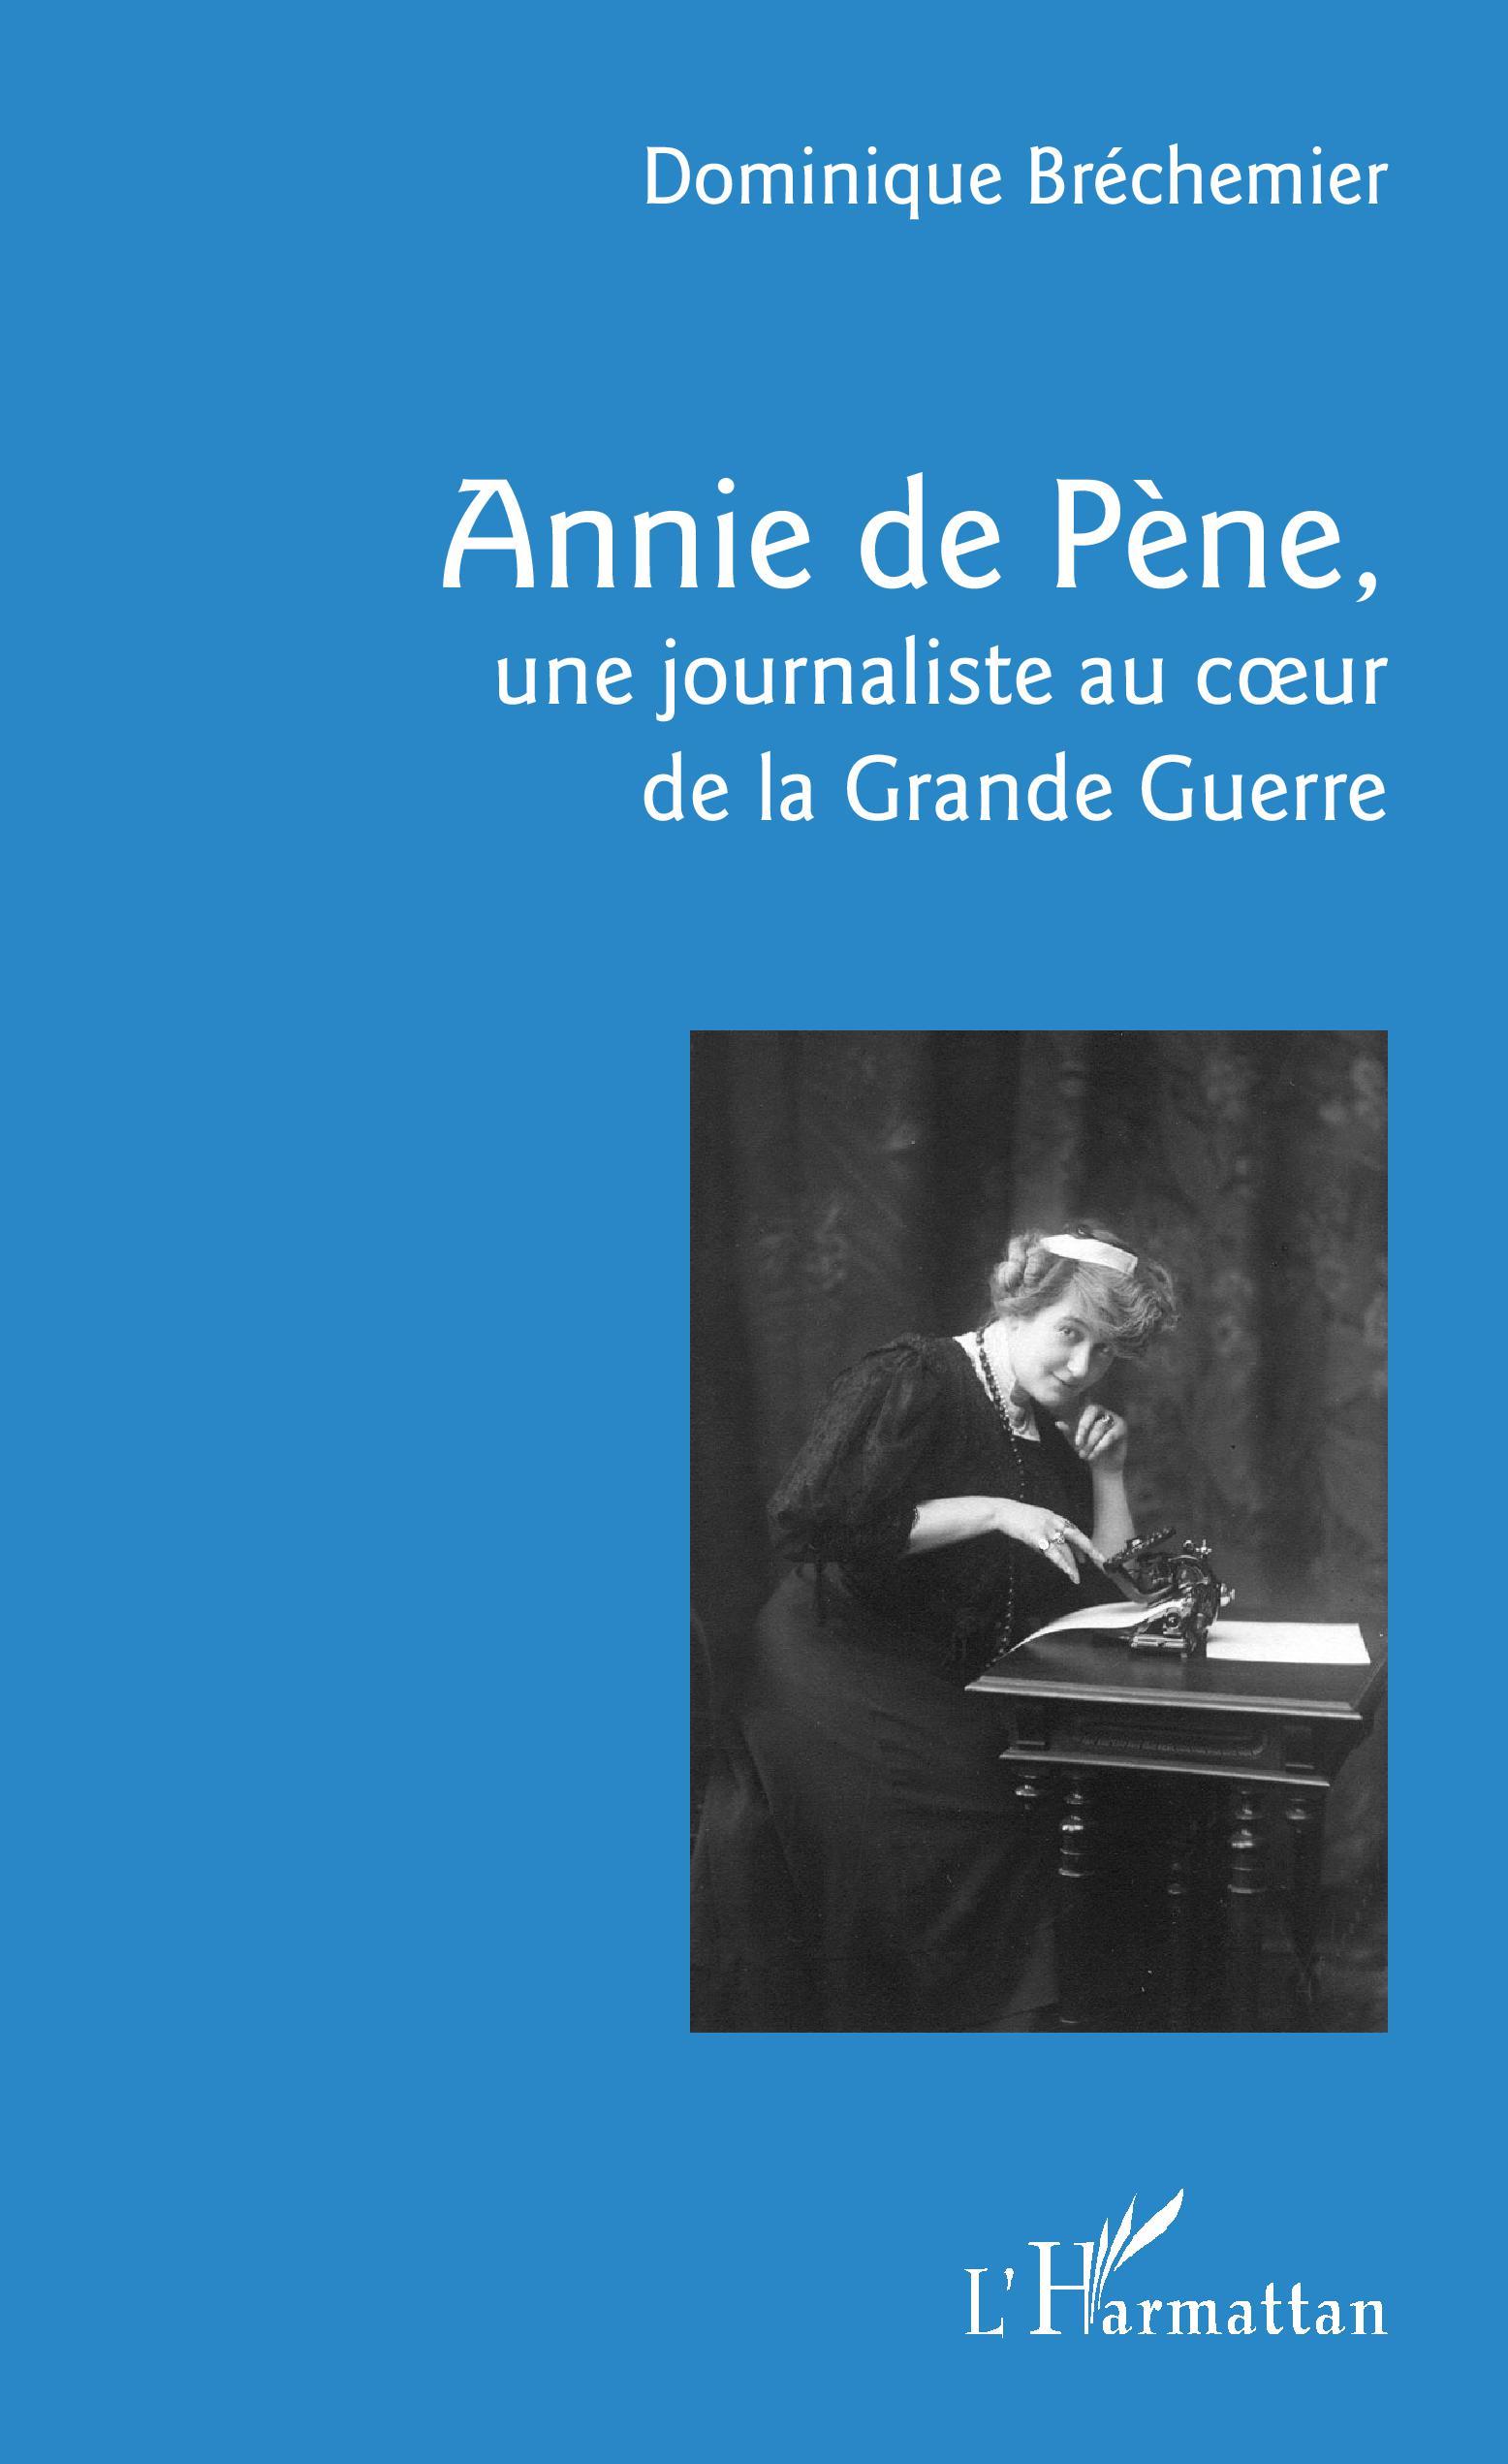 D. Bréchemier, Annie de Pène, une journaliste au coeur de la Grande Guerre